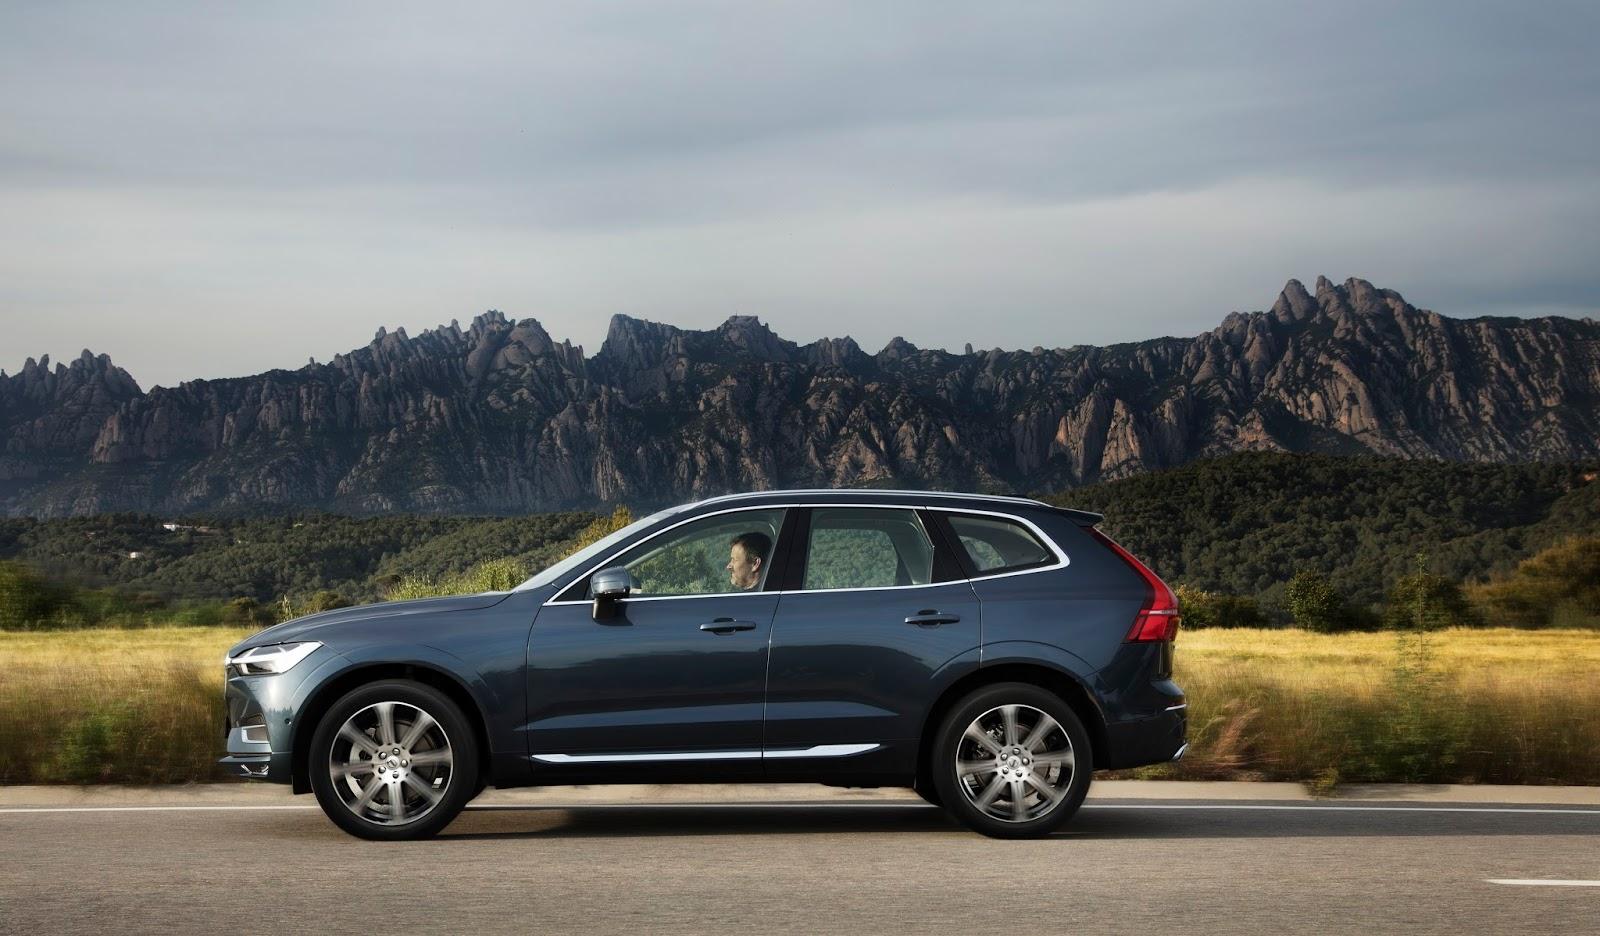 10 VolvoXC60 T6 Είναι αυτό το ασφαλέστερο αυτοκίνητο ever; Volvo, Volvo XC60, zblog